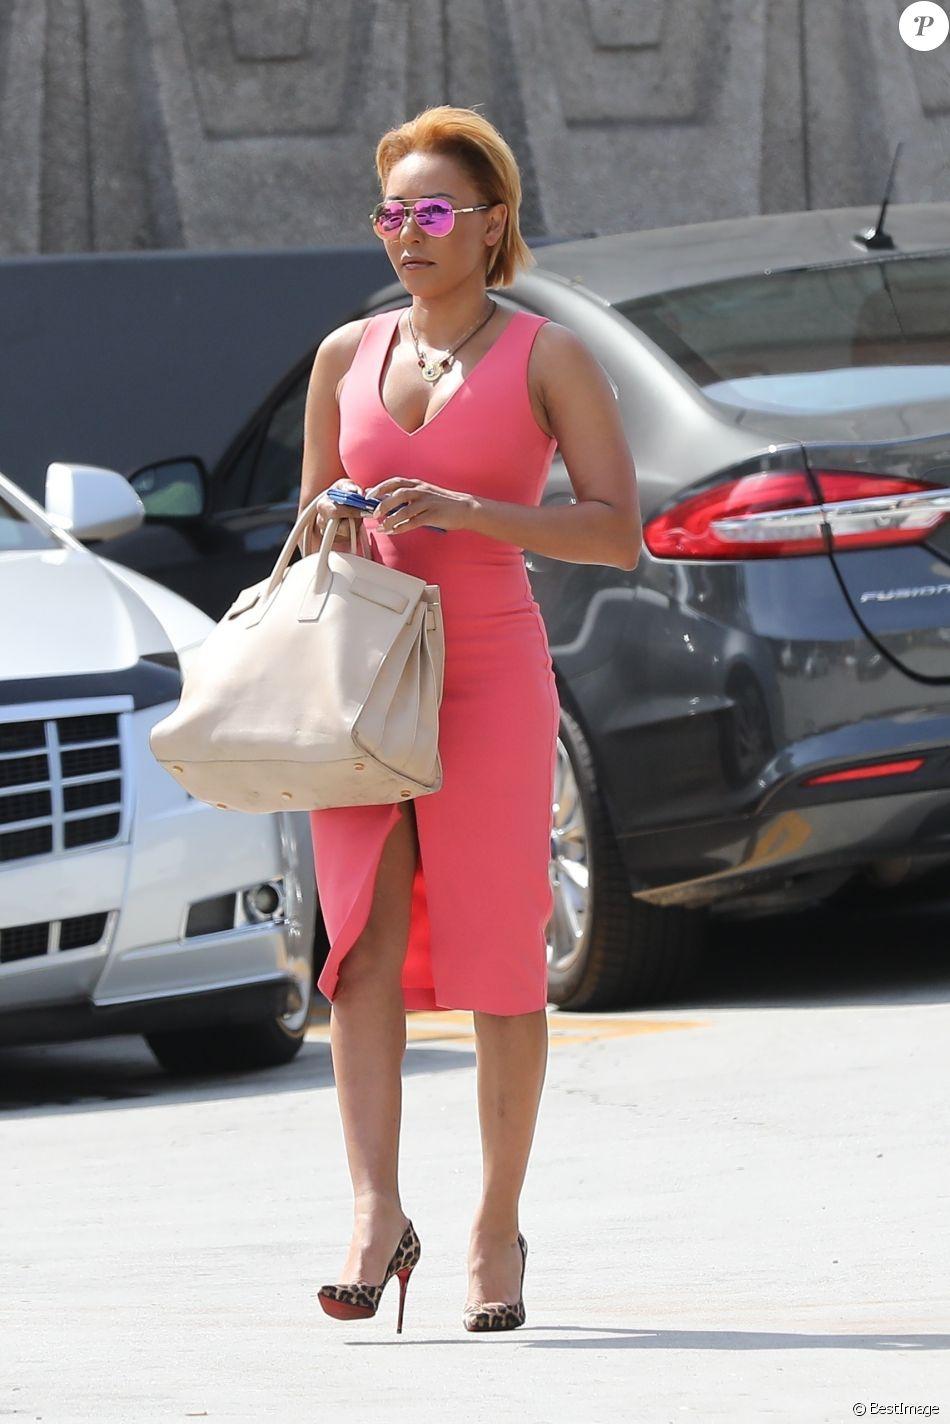 Mel B se rend au palais de justice accompagnée de son meilleur ami G. Madatyan pour une audience concernant son divorce avec son ex-mari S. Belafonte à Los Angeles. L'ancienne Spice Girl porte une robe rose, le 16 juillet 2018.